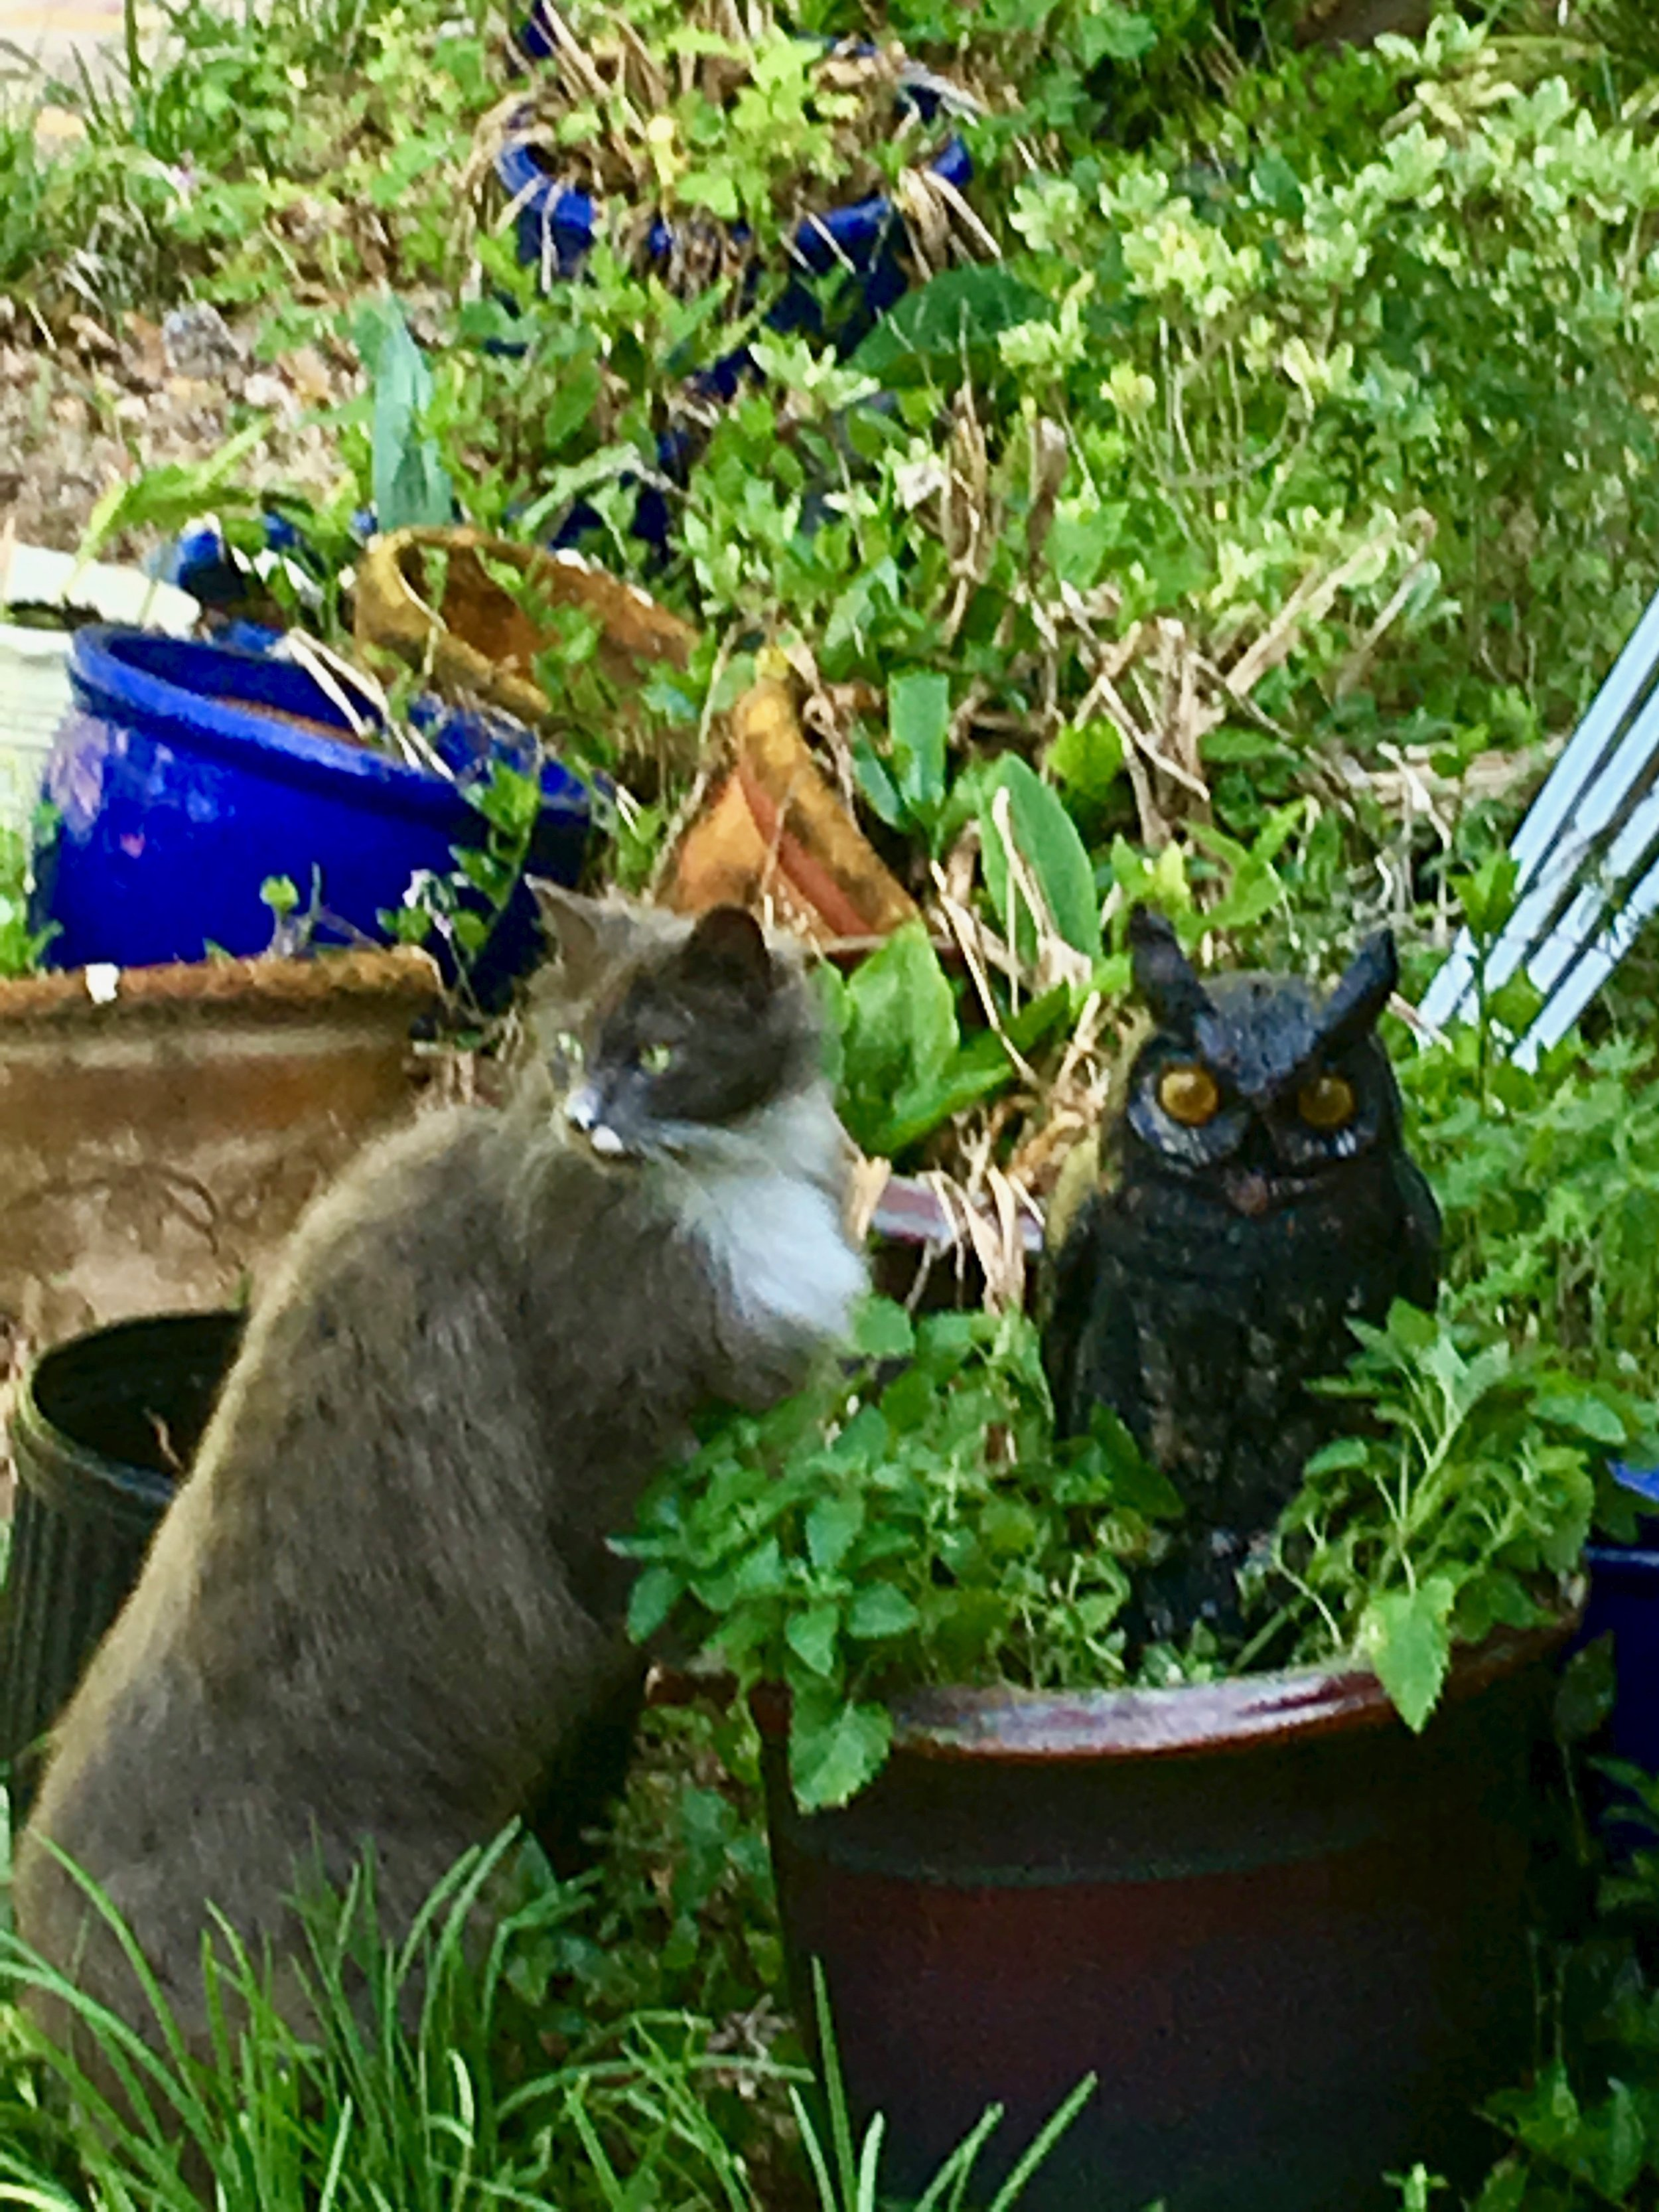 Sampson and Catnip